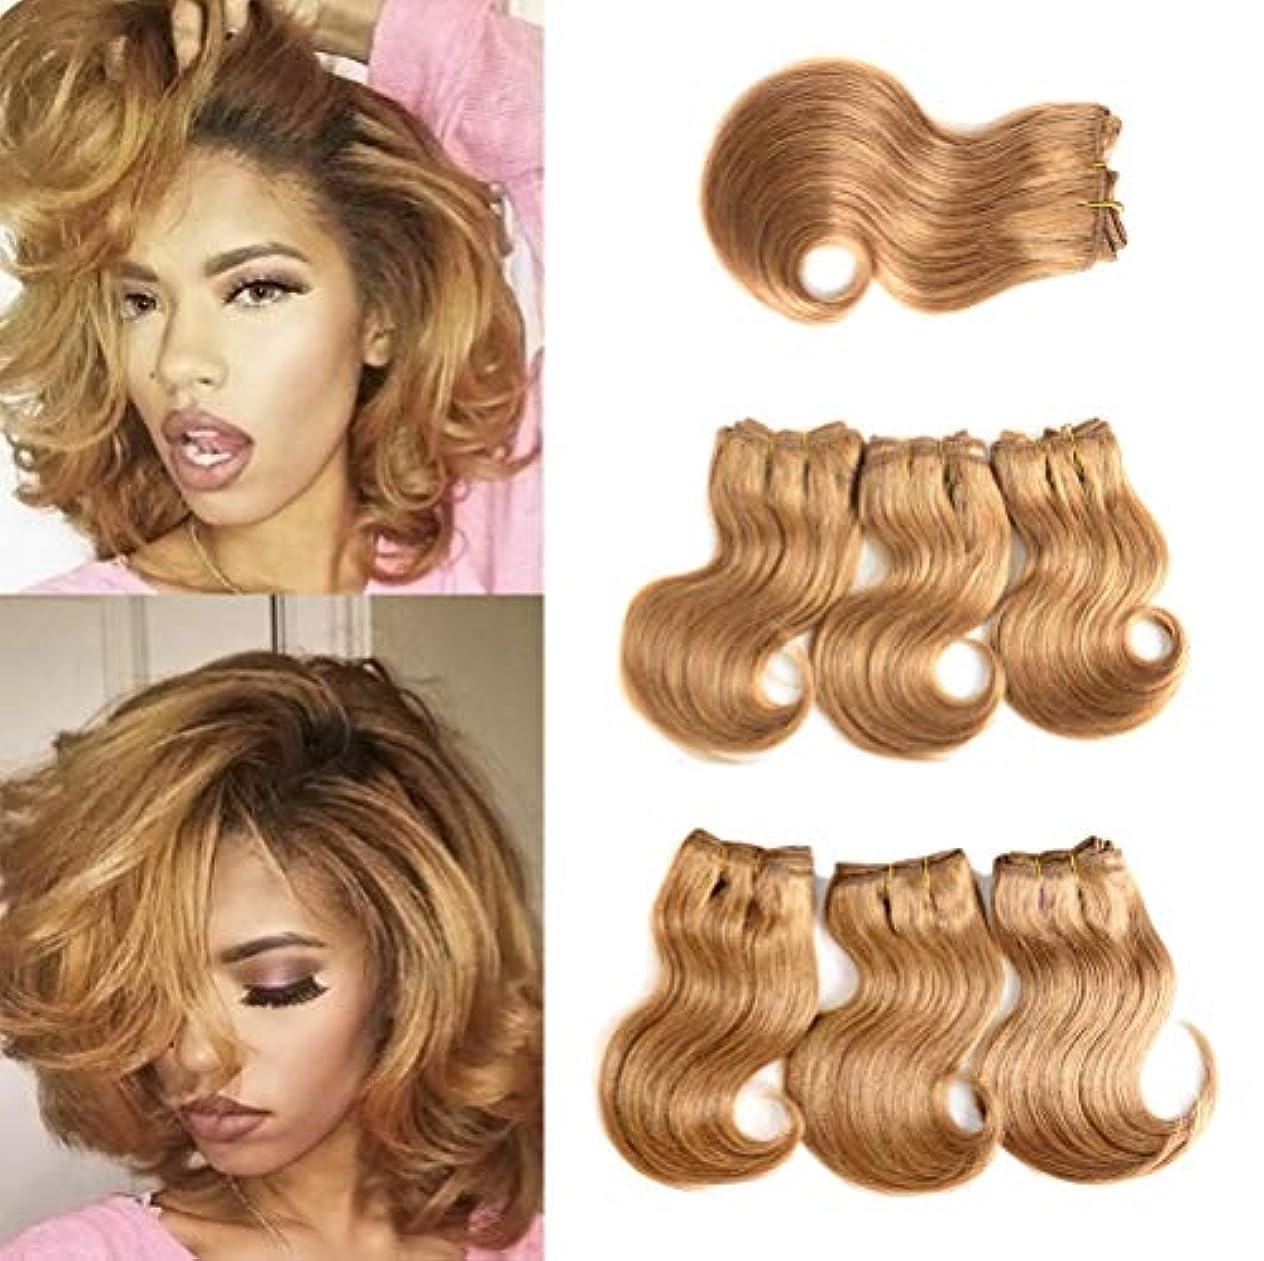 歴史的連続した腐った閉鎖とペルーの髪の束を編む女性の髪の毛の束人間の髪の毛の拡張子で縫うRemi人間の髪の毛8インチゴールド